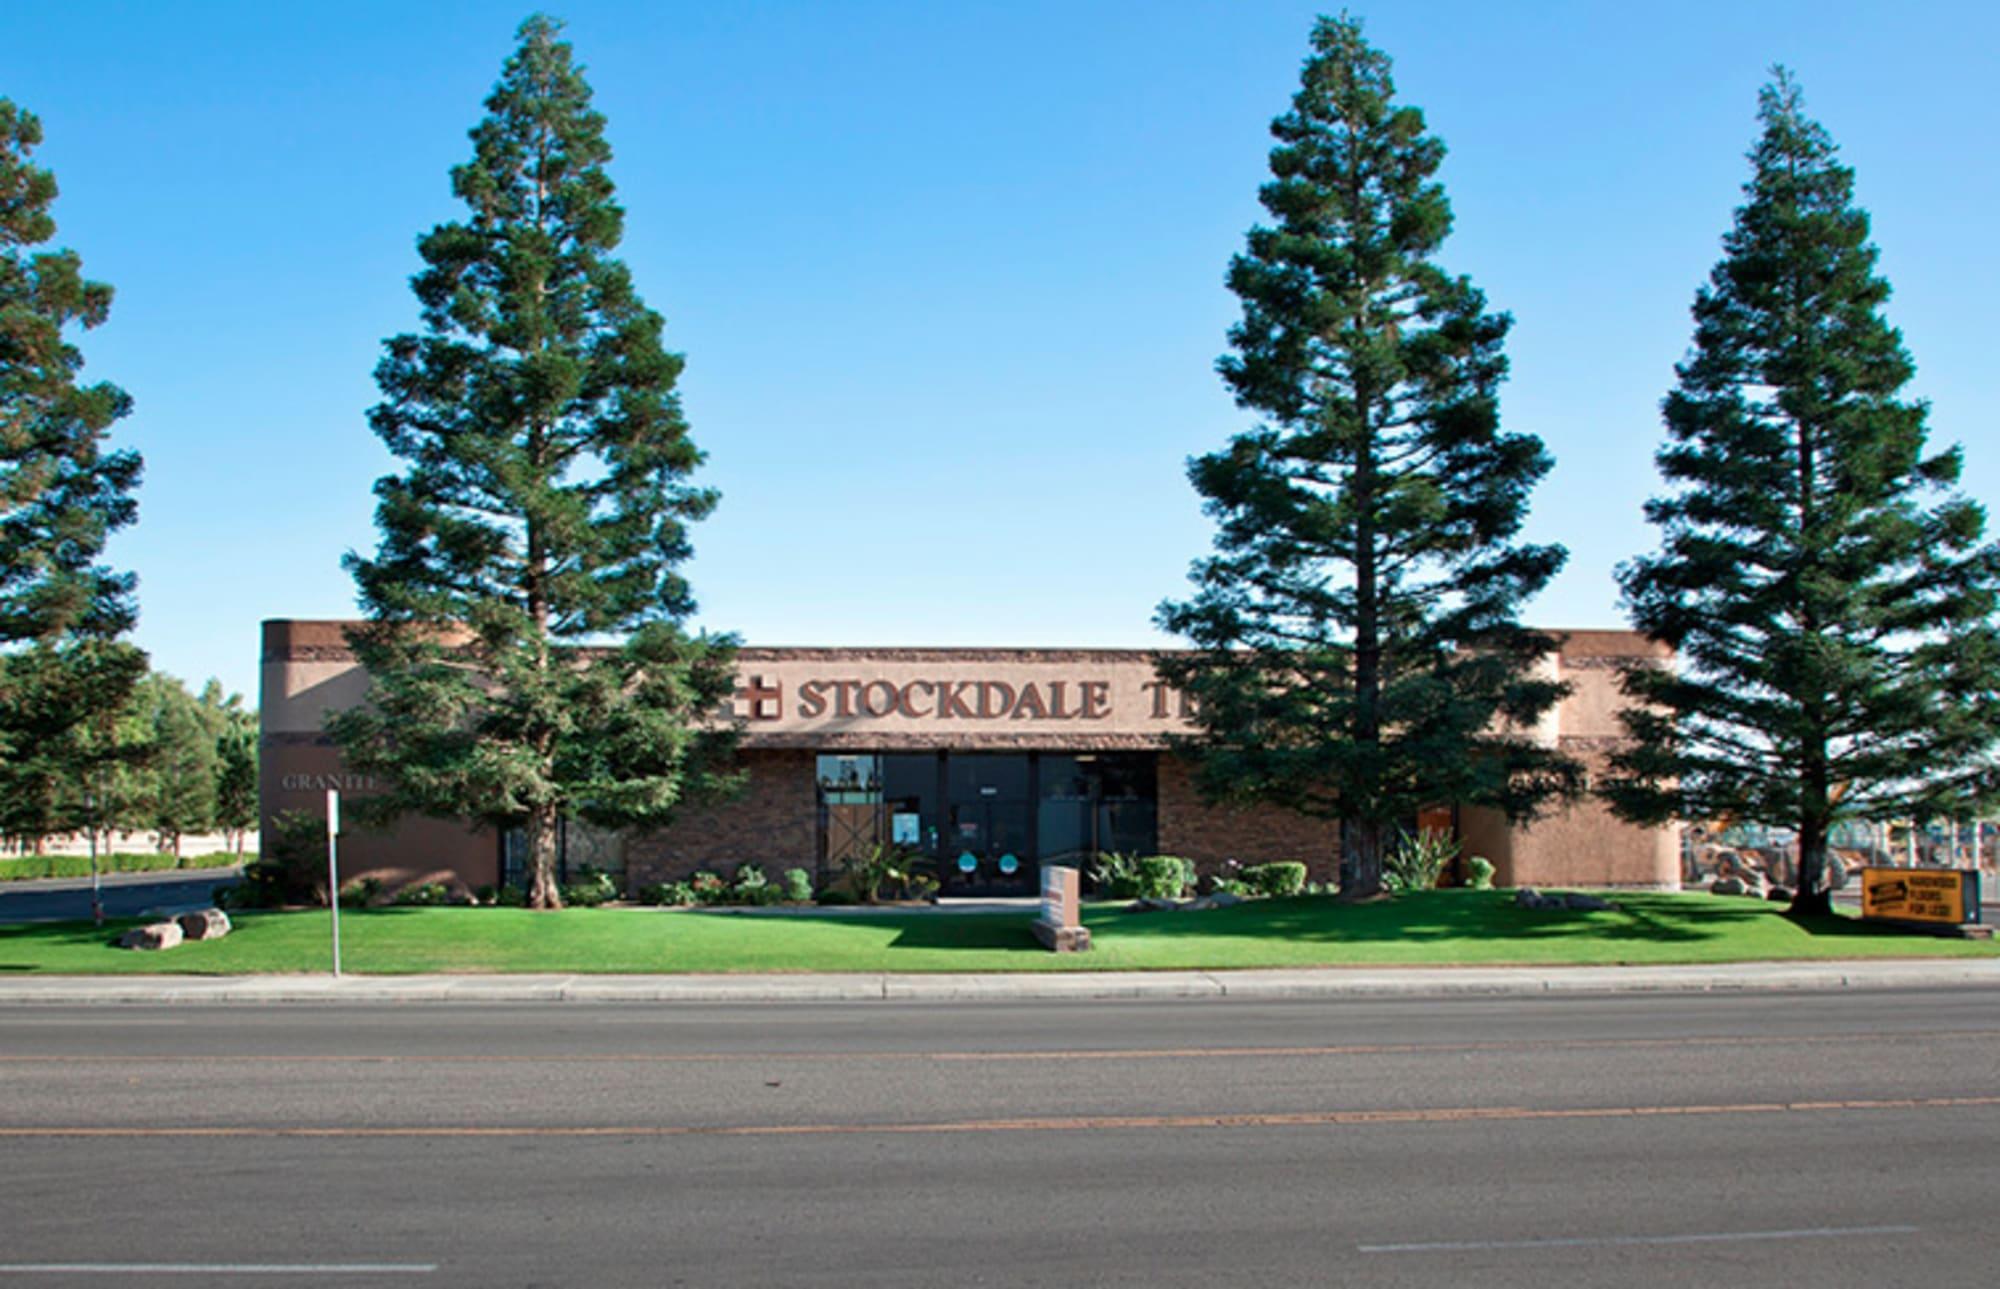 Stockdale Ceramic Tile  - 6301 District Blvd Bakersfield, CA 93313